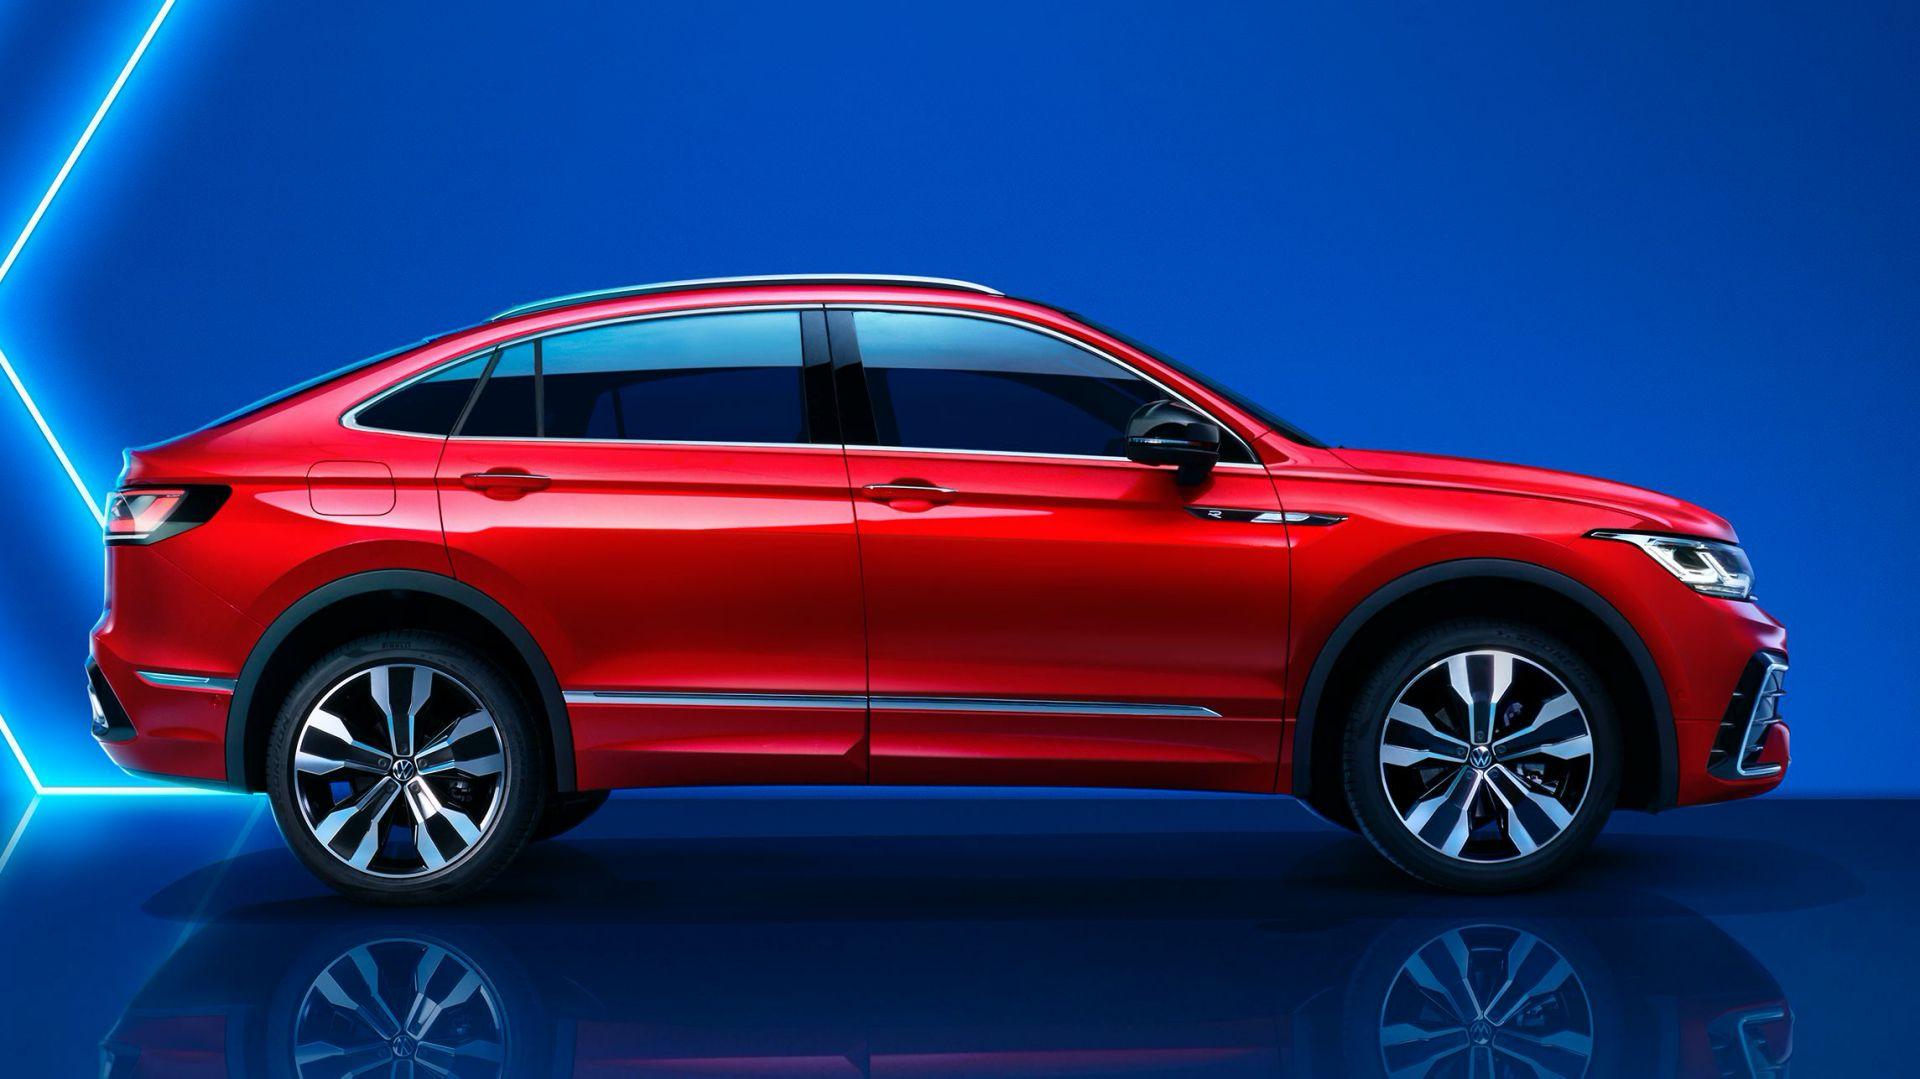 2021-Volkswagen-Tiguan-X-China-spec-5